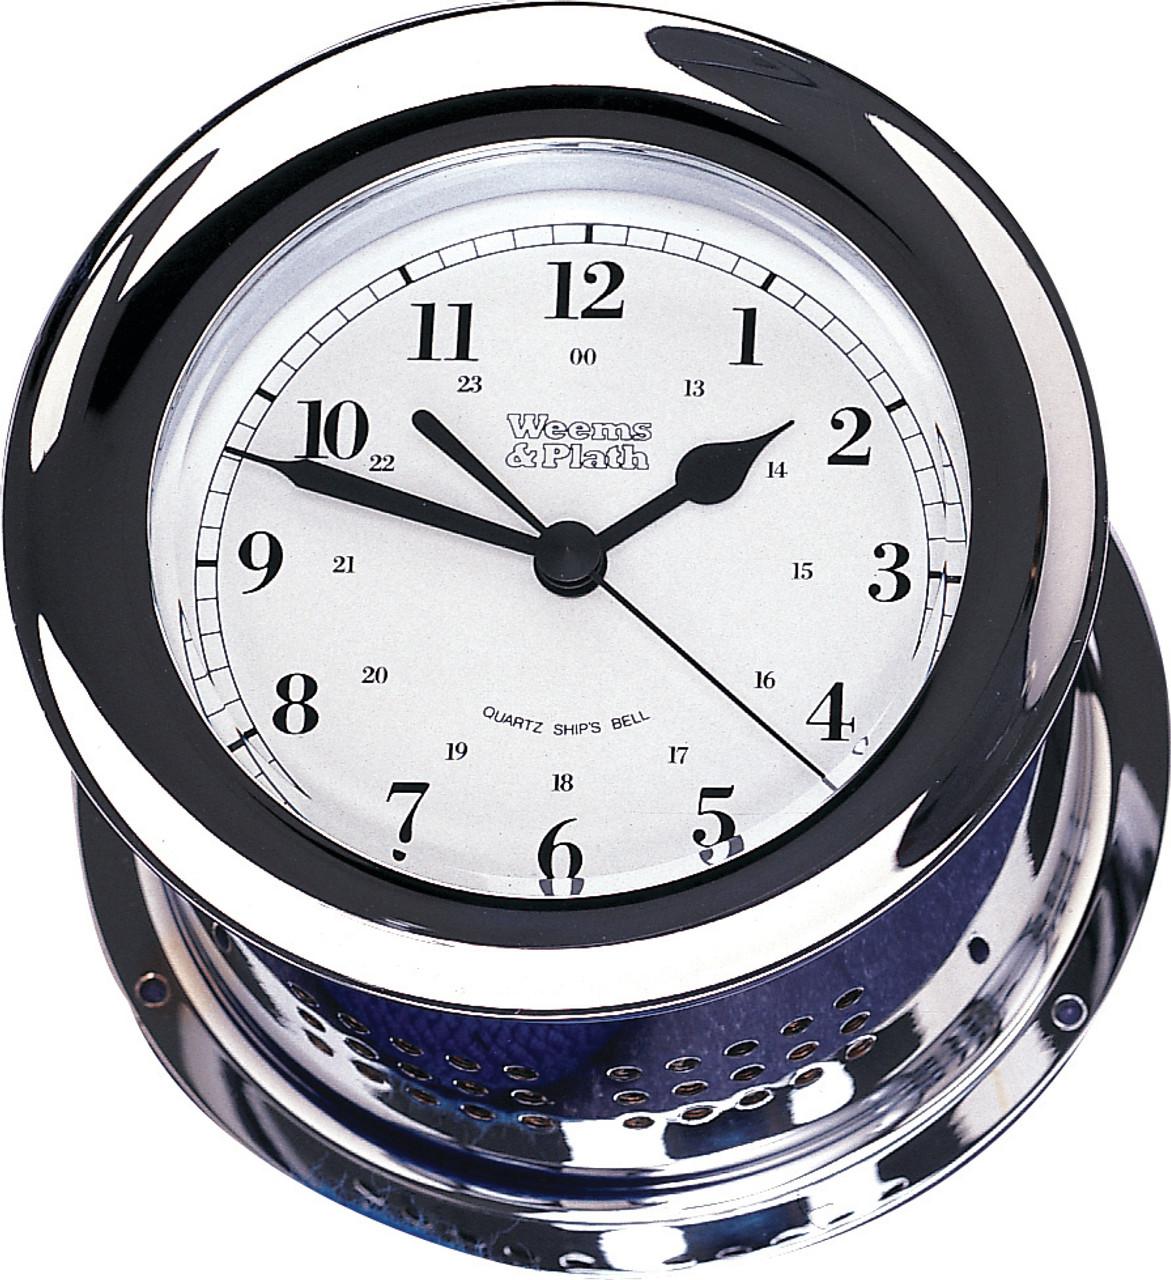 Chrome Plated Atlantis Quartz Ship's Bell Clock (220100)